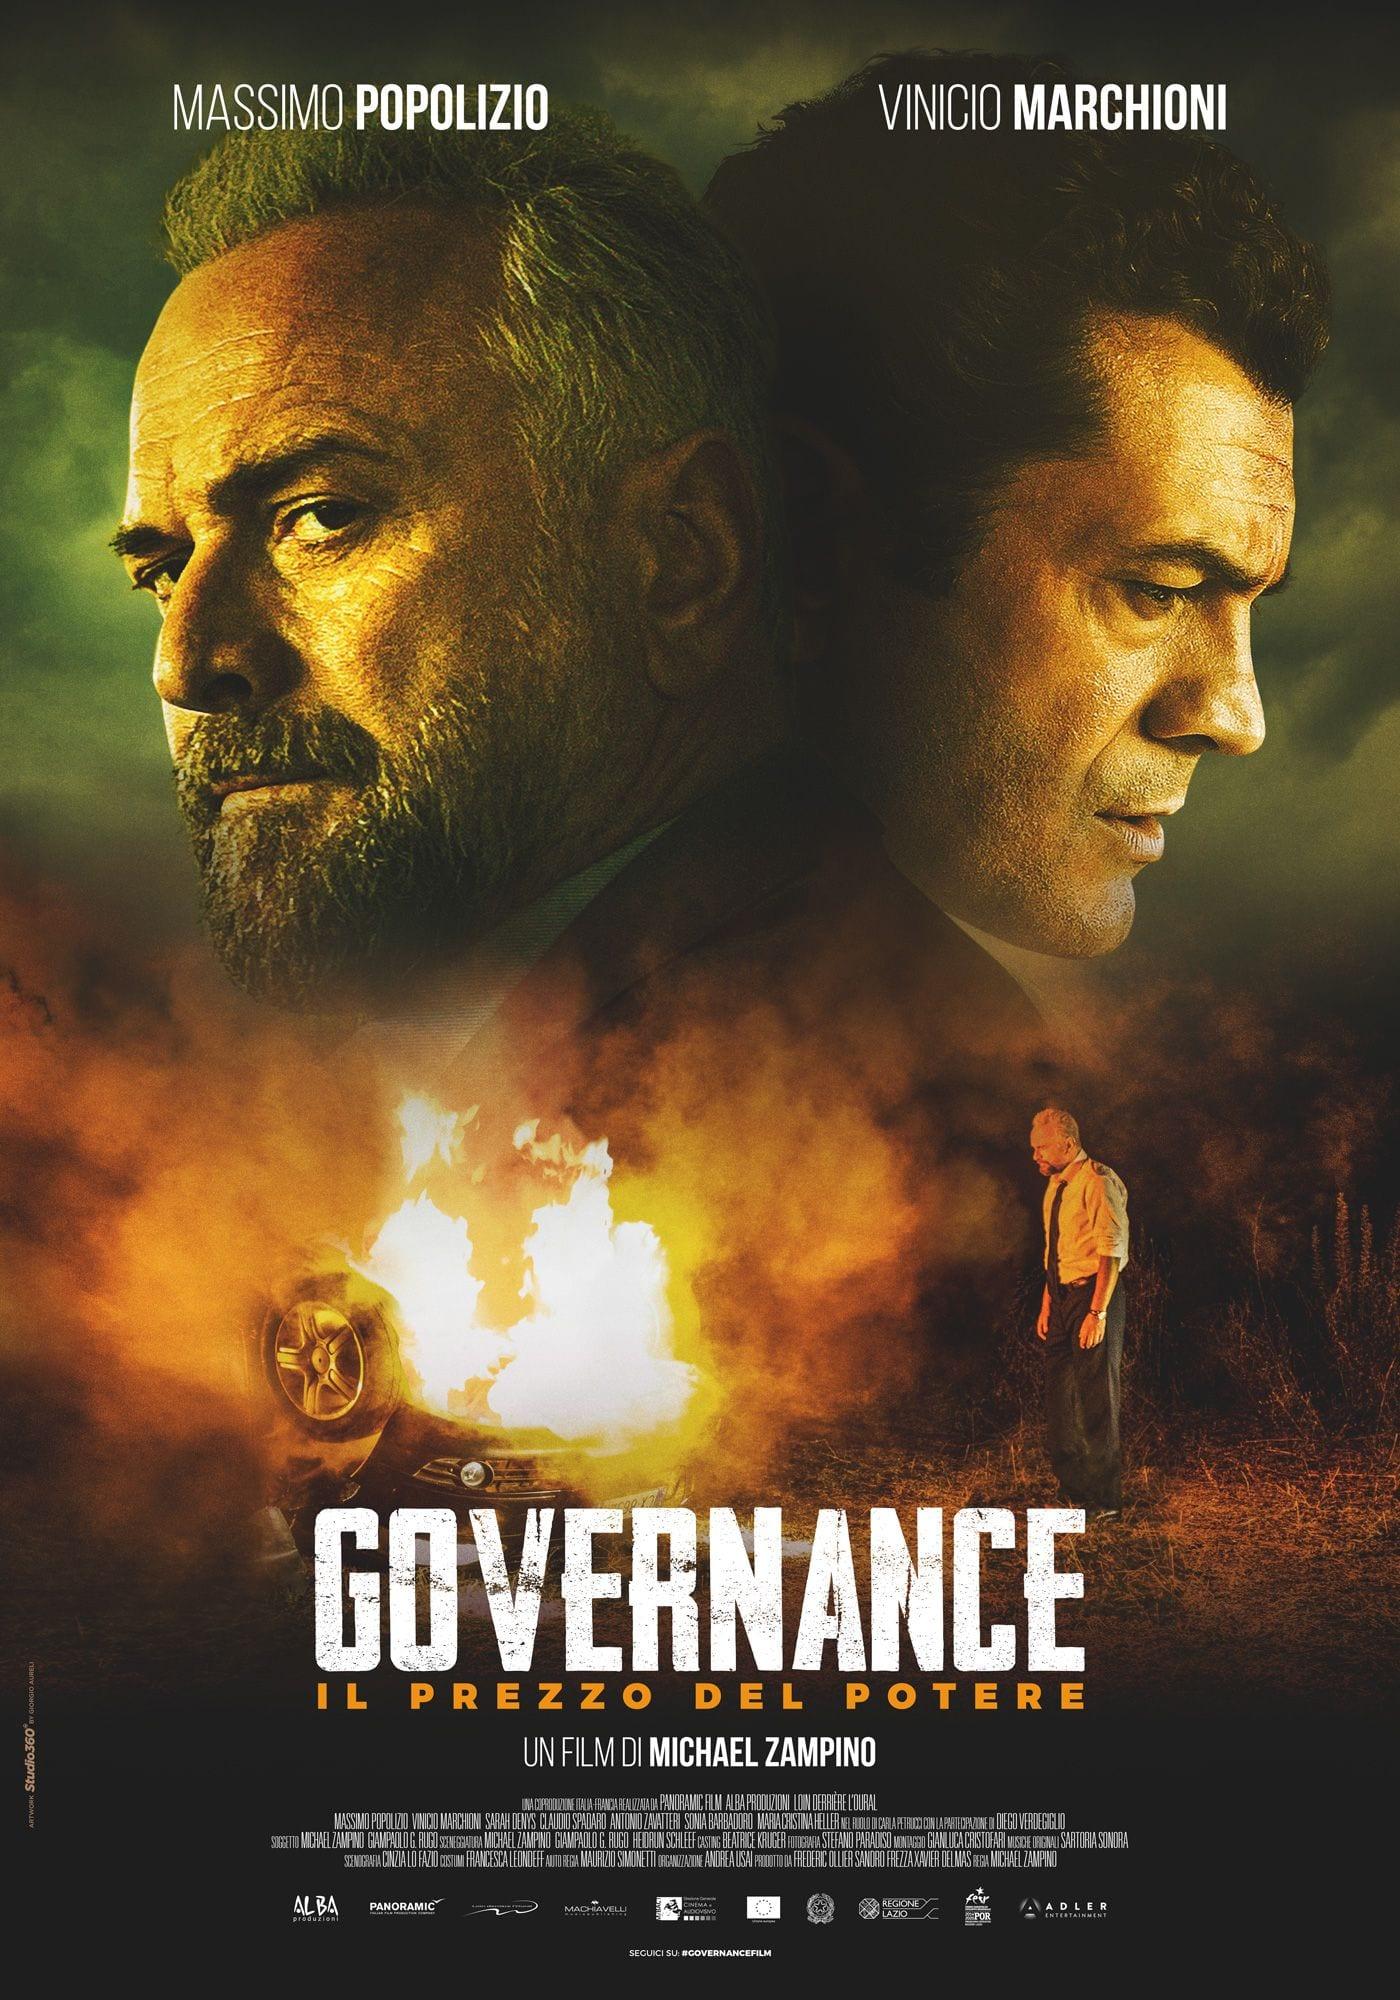 governance il prezzo del potere